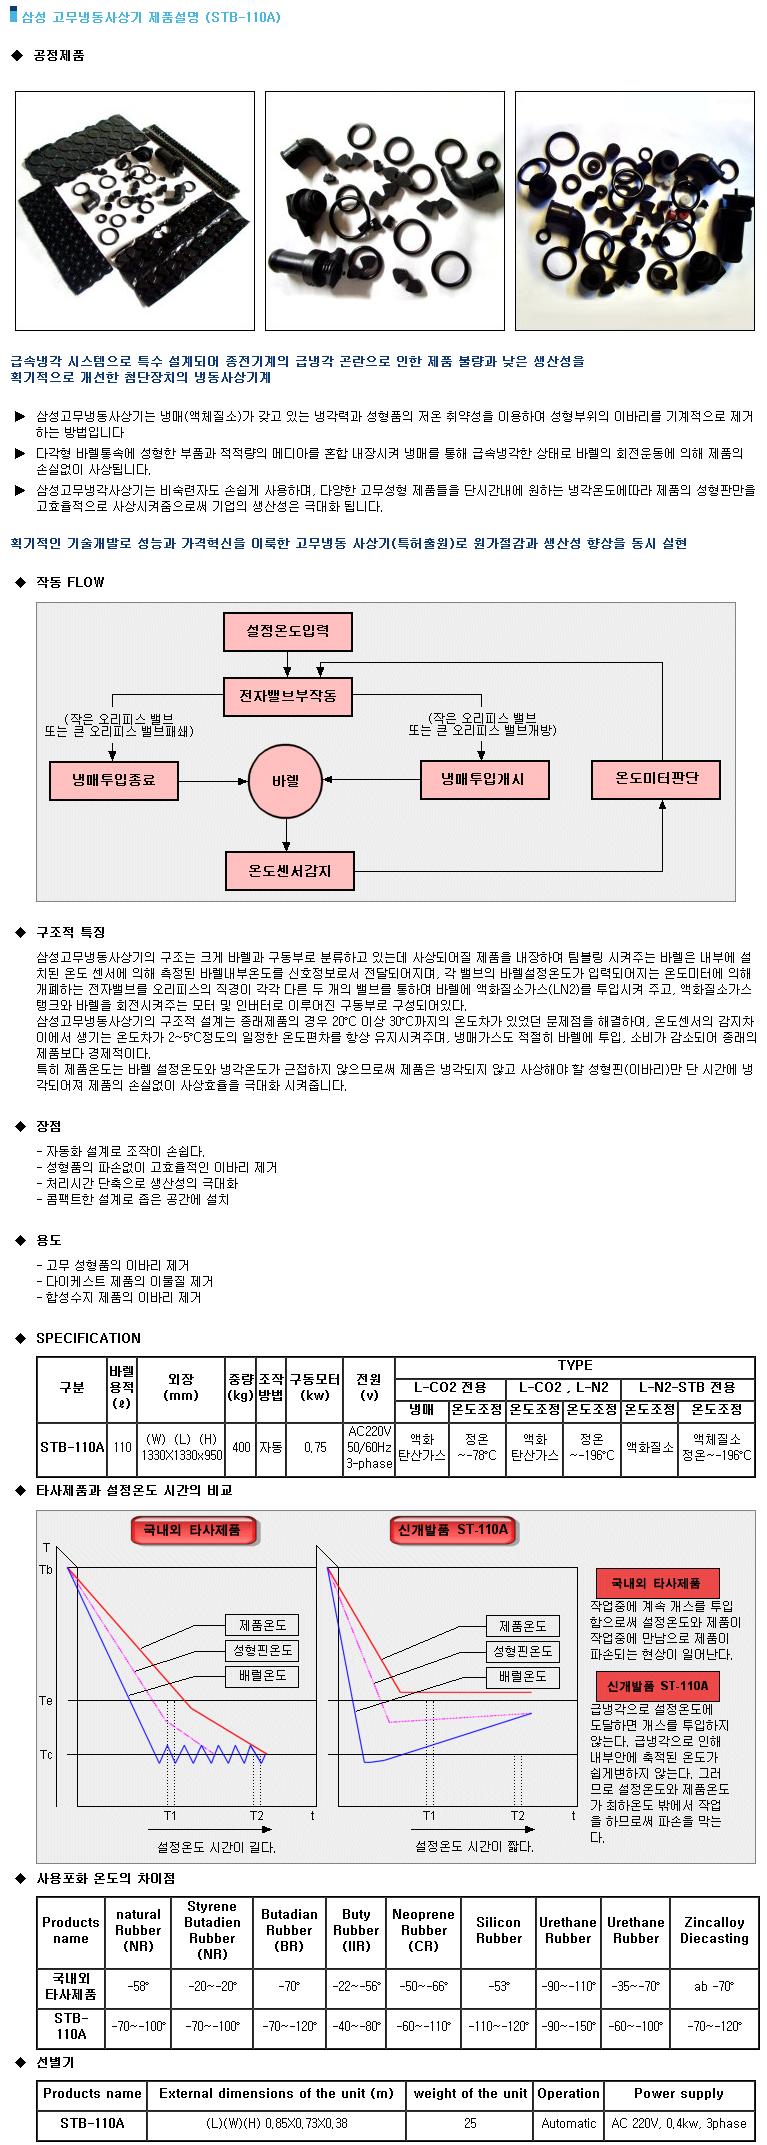 삼성기계 고무 냉동 사상기 STB-110A